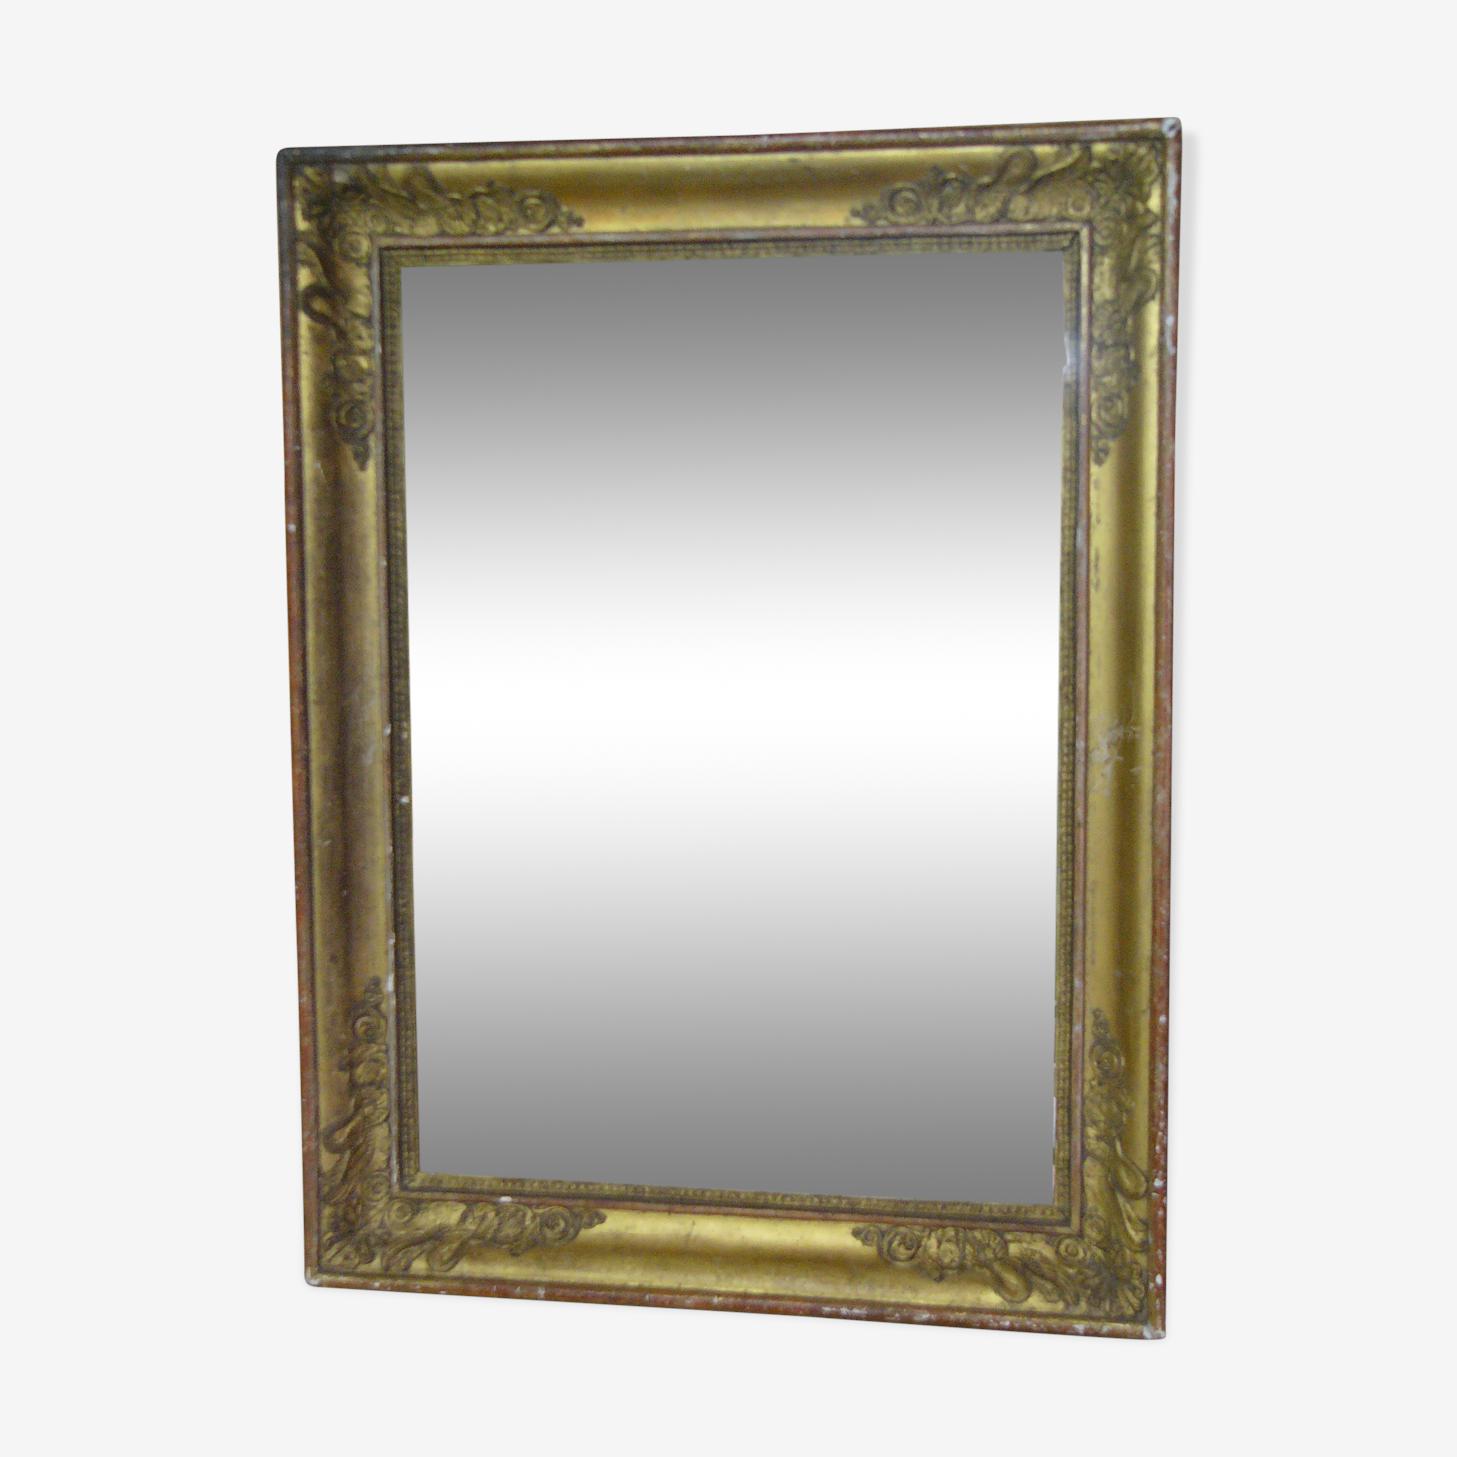 Miroir doré 40x54cm